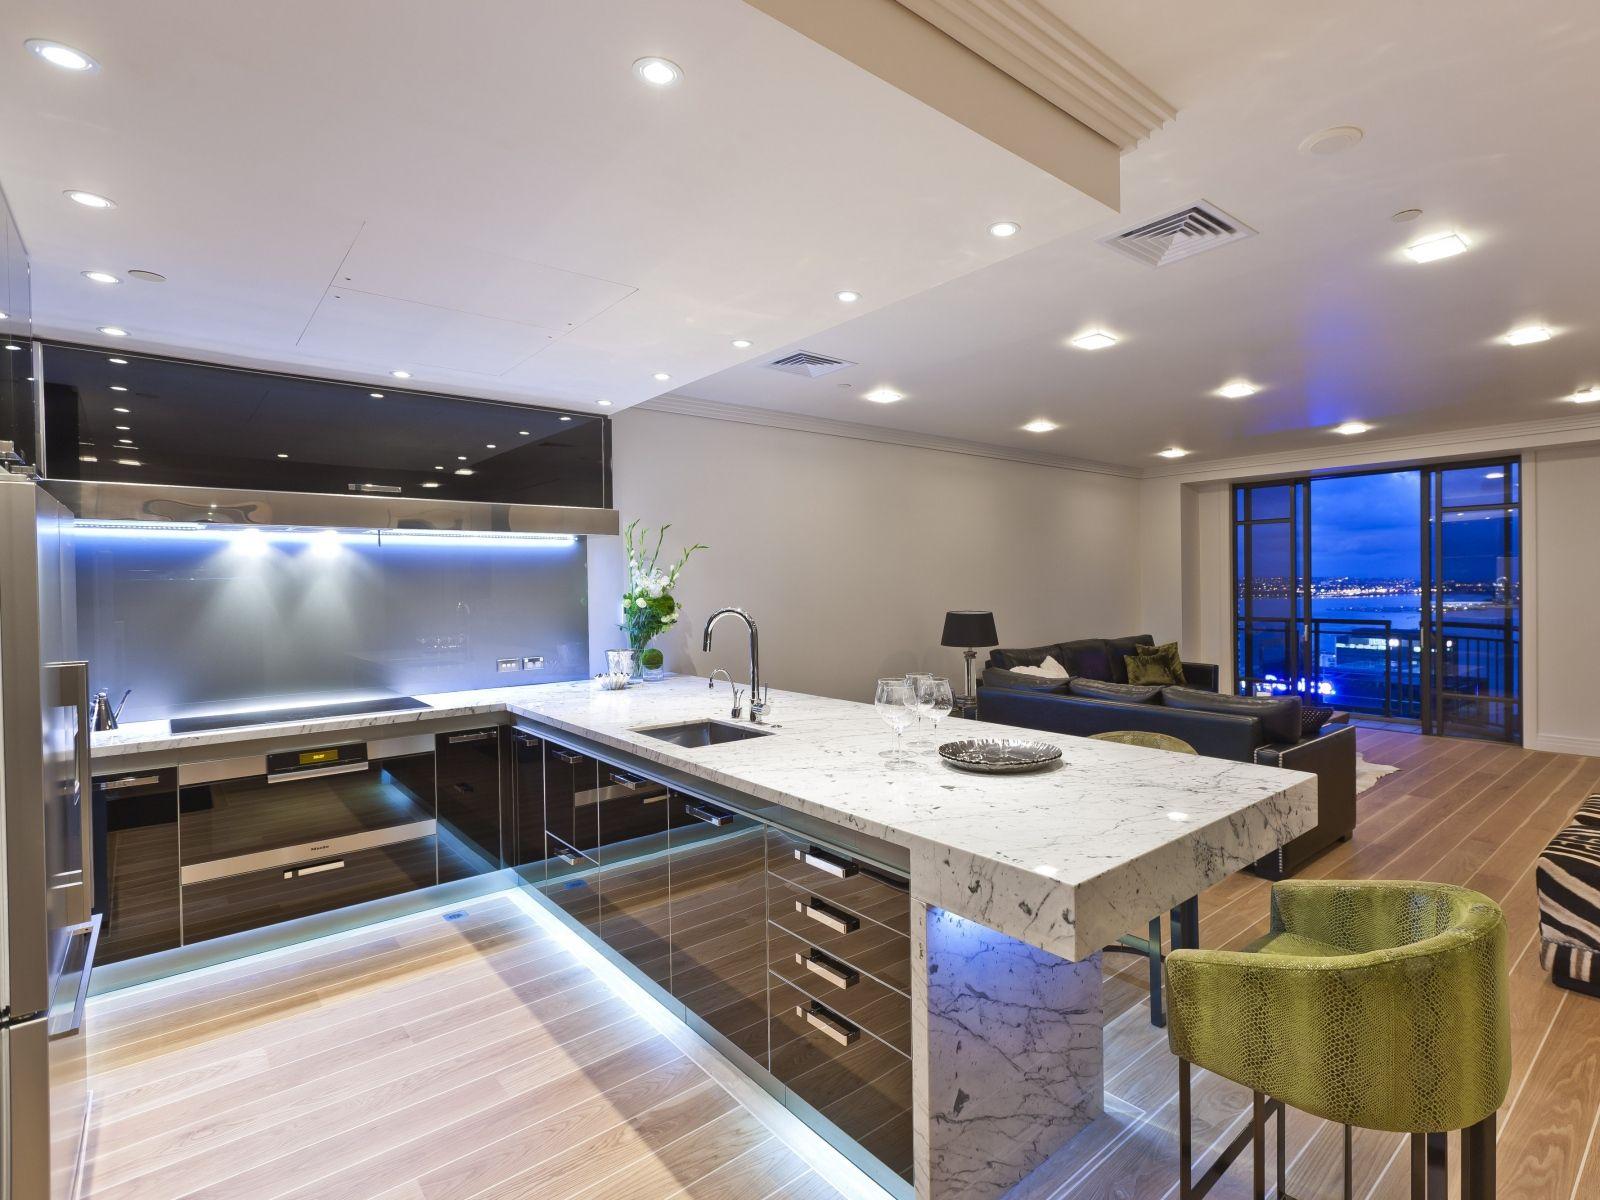 Berühmt Küchendesigner Perth Scotland Bilder - Ideen Für Die Küche ...